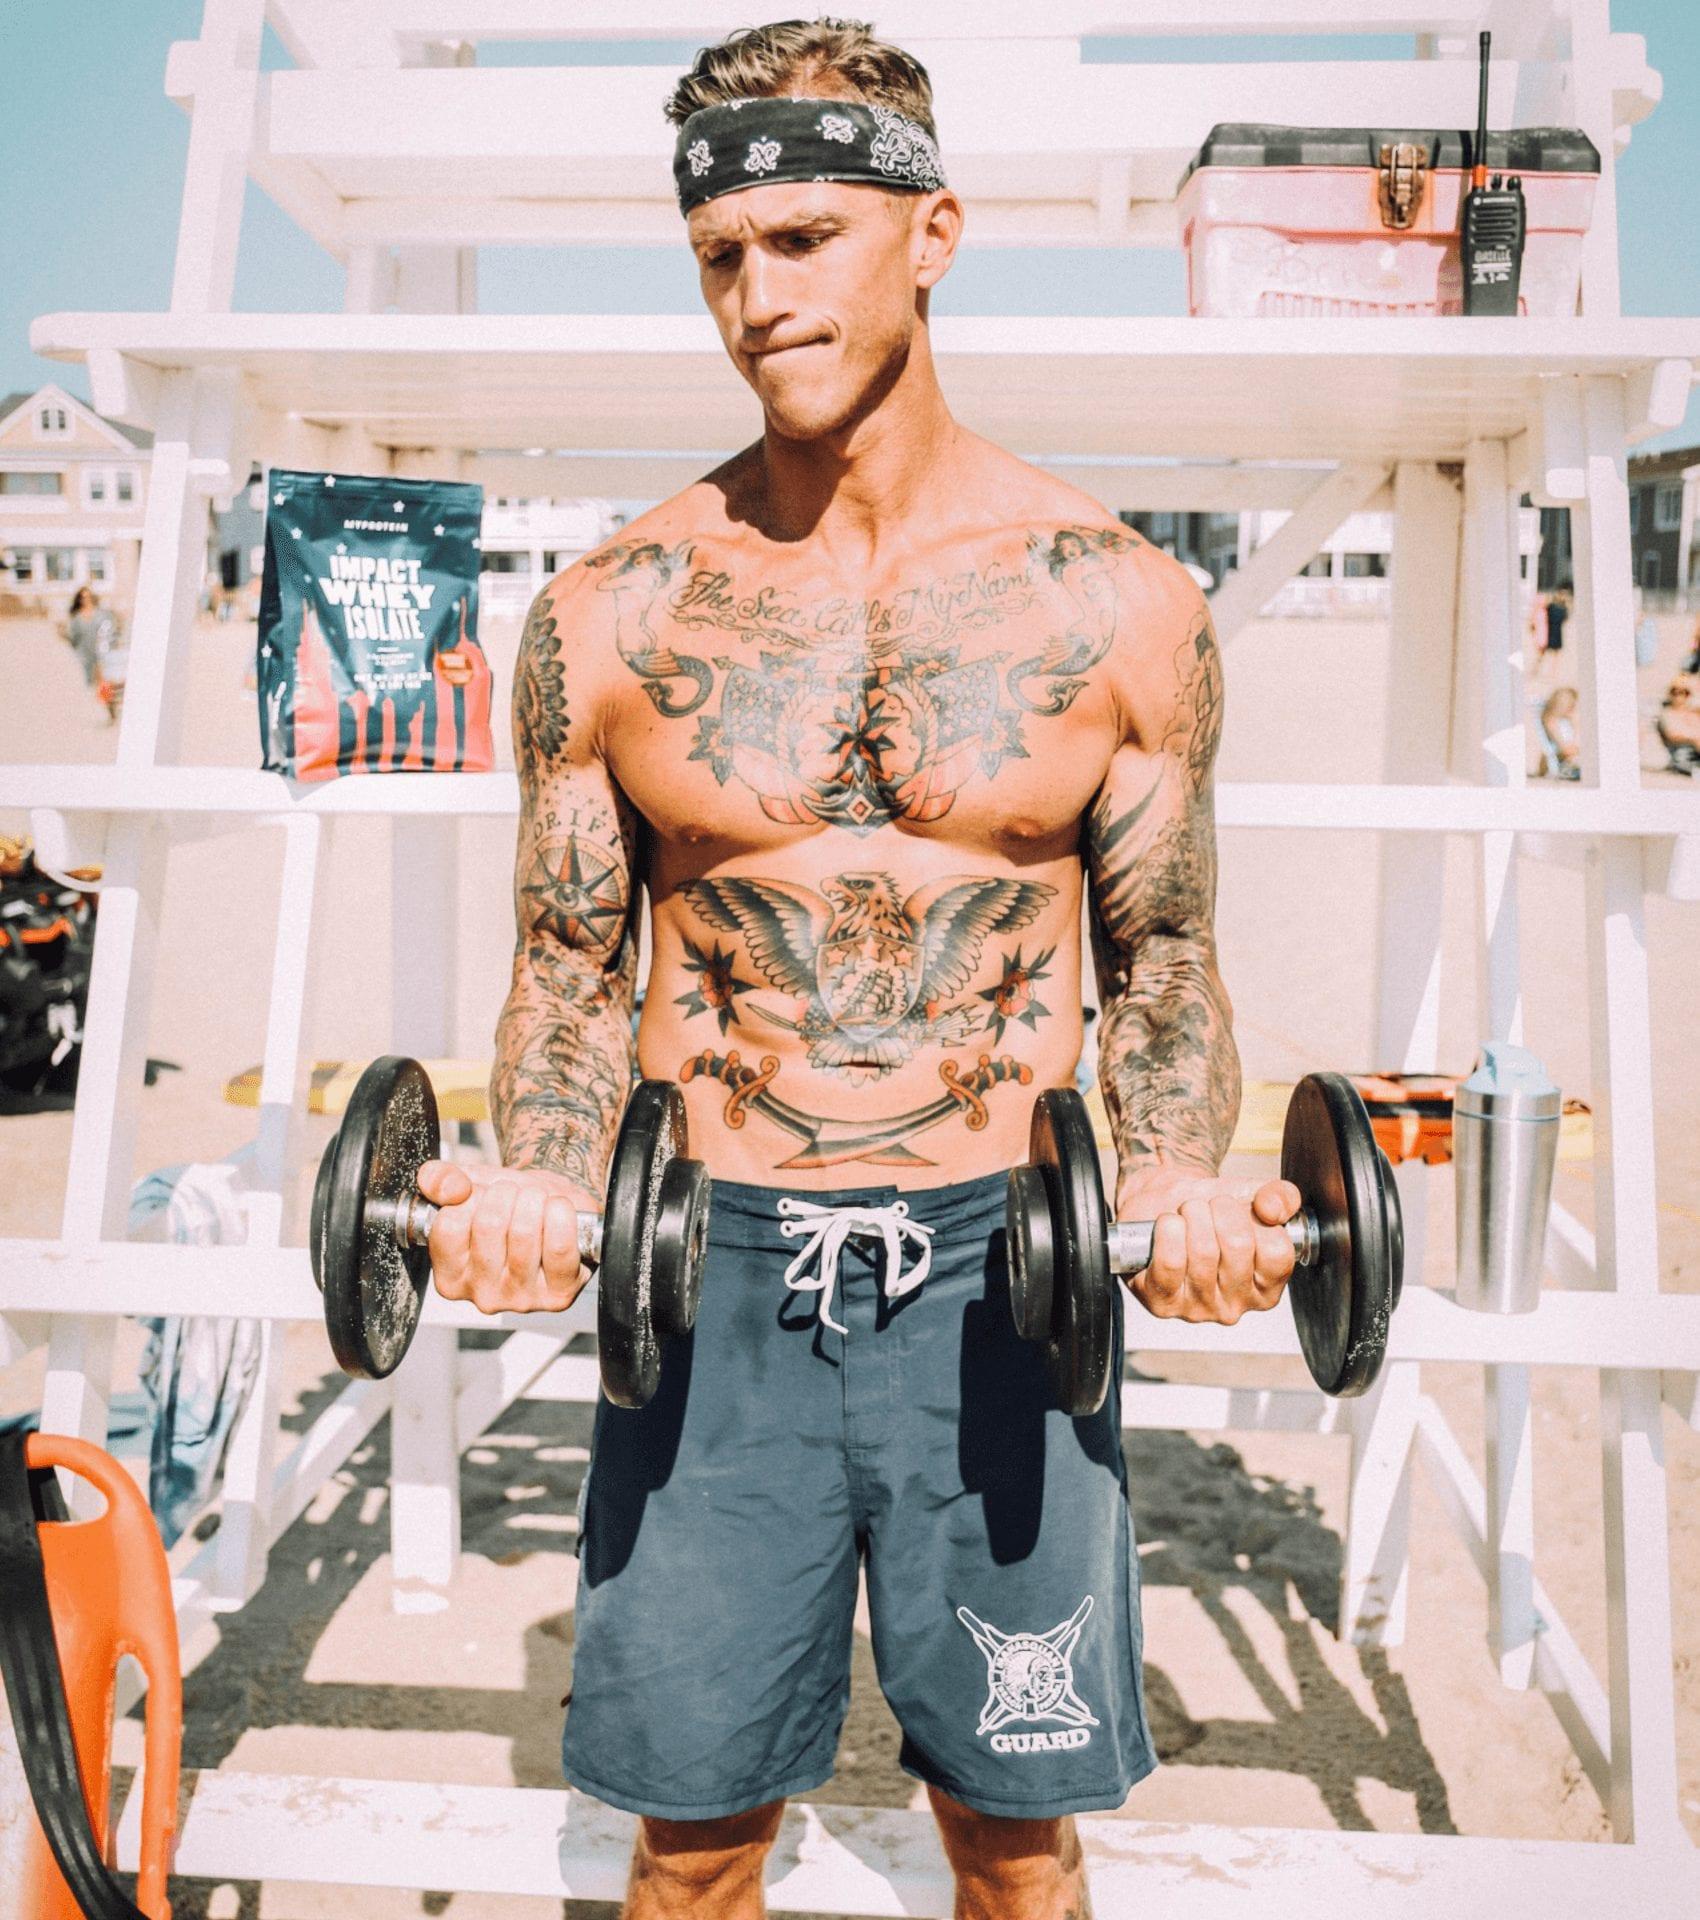 beach workout